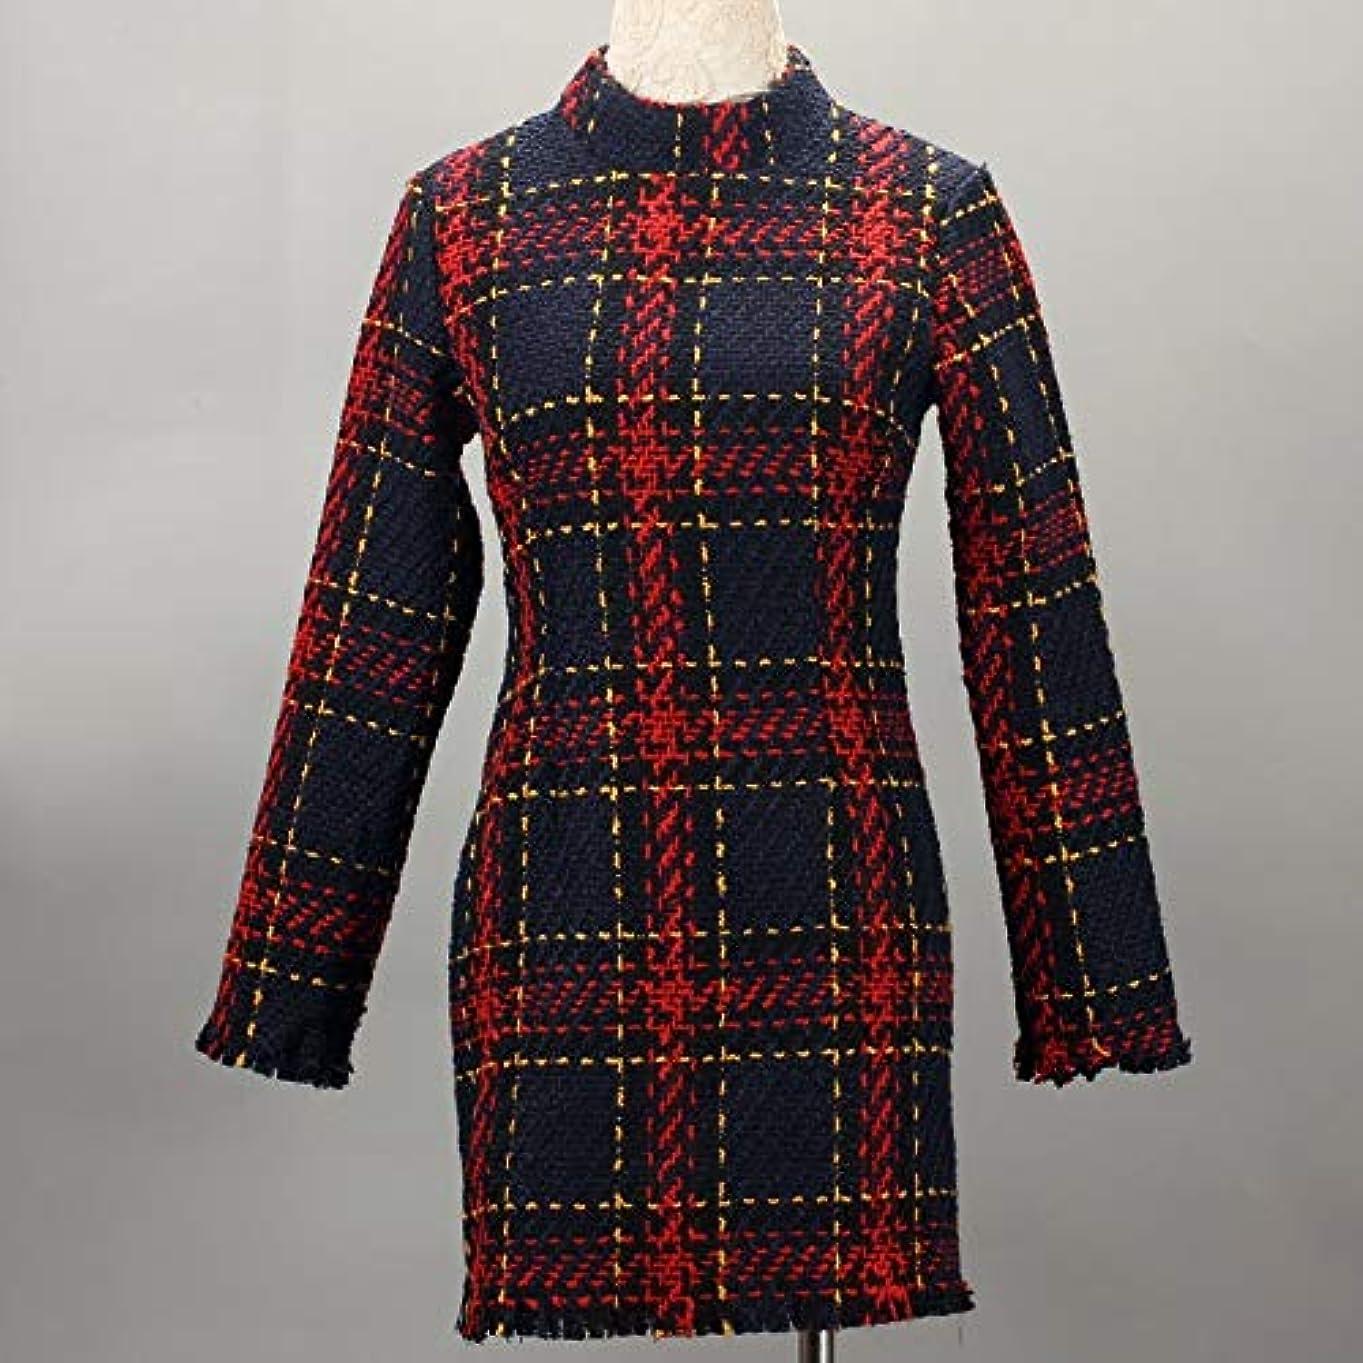 もしファイター学生Onderroa - ファッション冬のドレスの女性は、ストライプ長袖スリムスキニーセクシーなミニボディコンヴィンテージvestidosドレスの女性を印刷PLAID